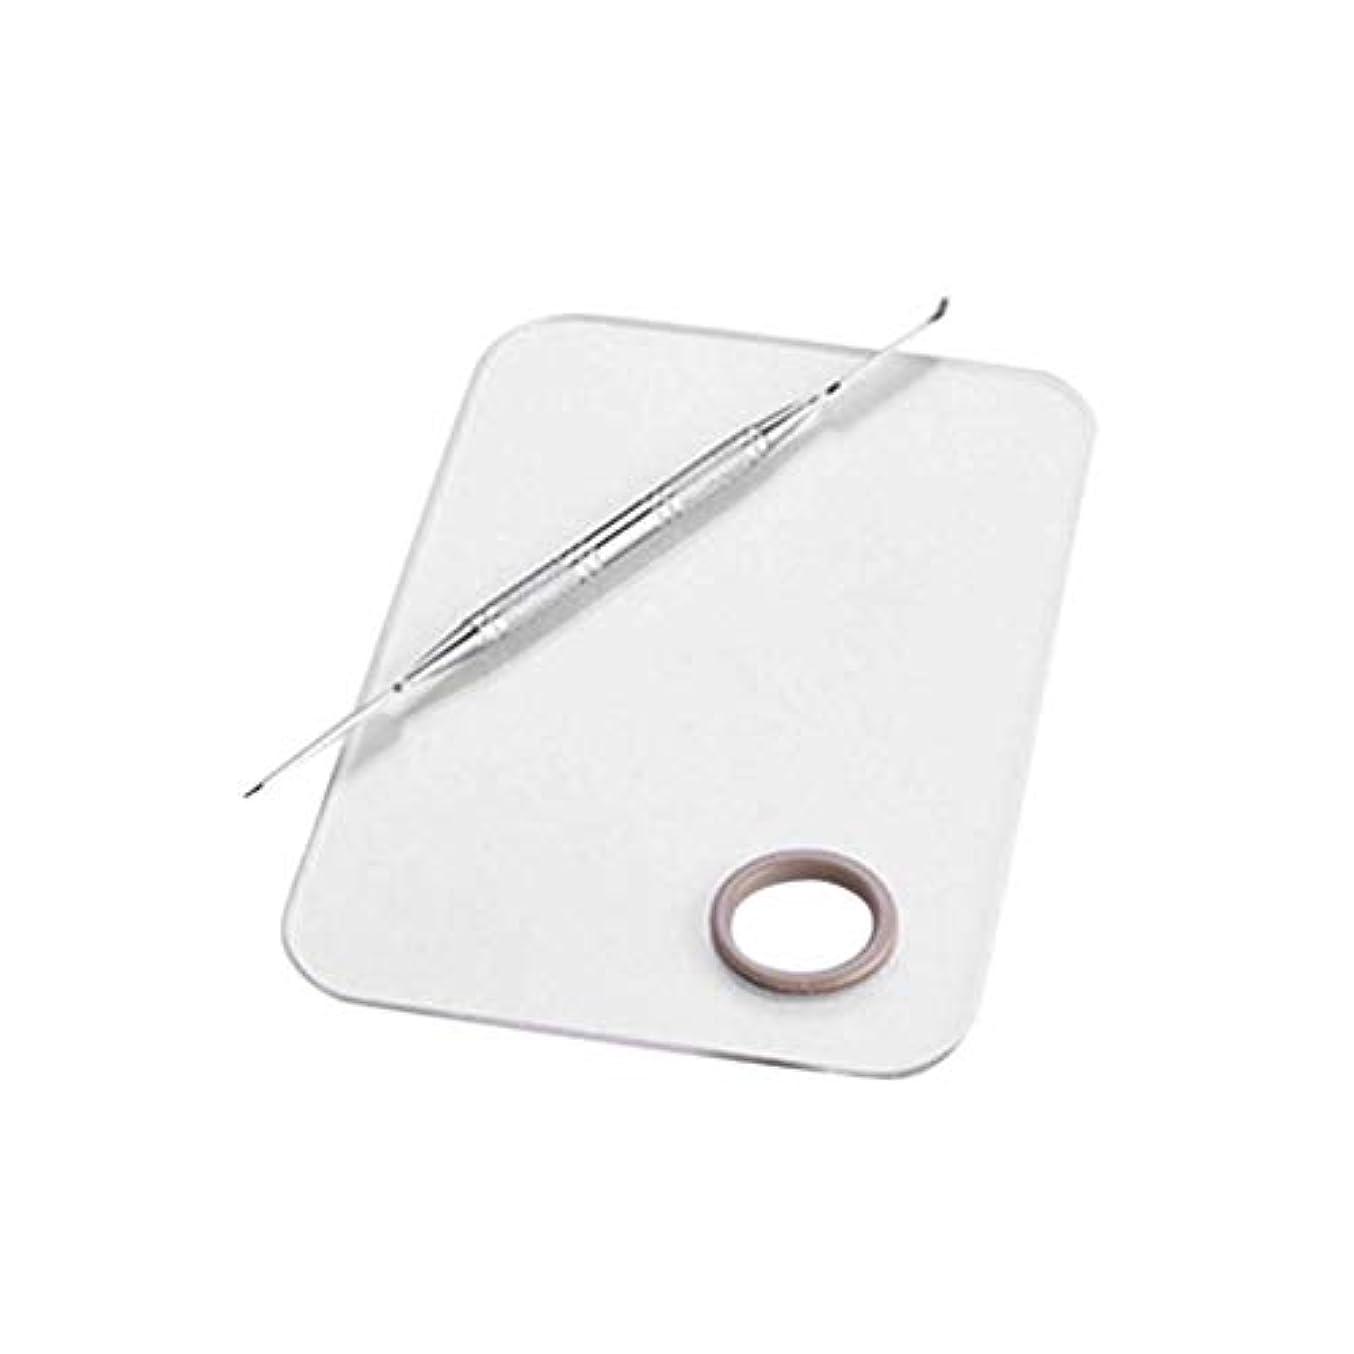 リスナー象種類サロンマニキュアカラーパレットは、ツールのステンレス鋼板をメイクアップパレット化粧品をミキシングクリームファンデーションをメイク